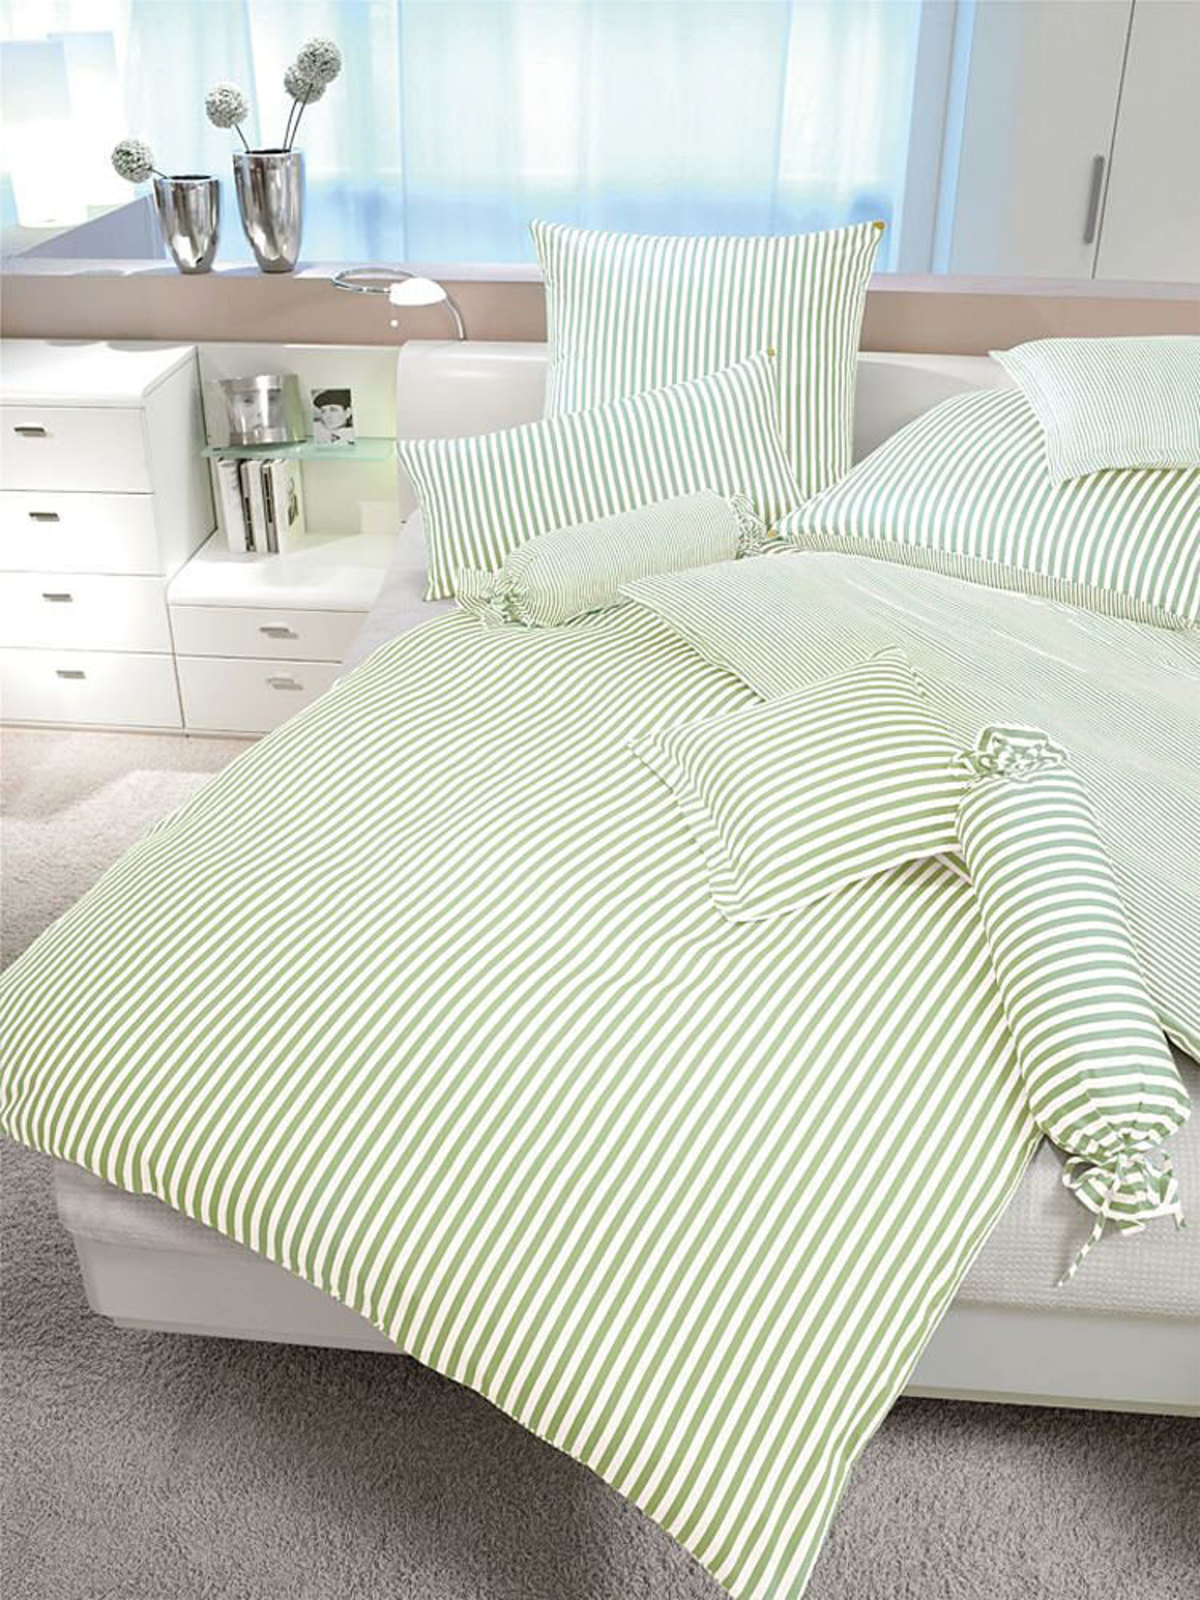 janine mako seidensatin bettw sche online entdecken schaffrath ihr m belhaus. Black Bedroom Furniture Sets. Home Design Ideas